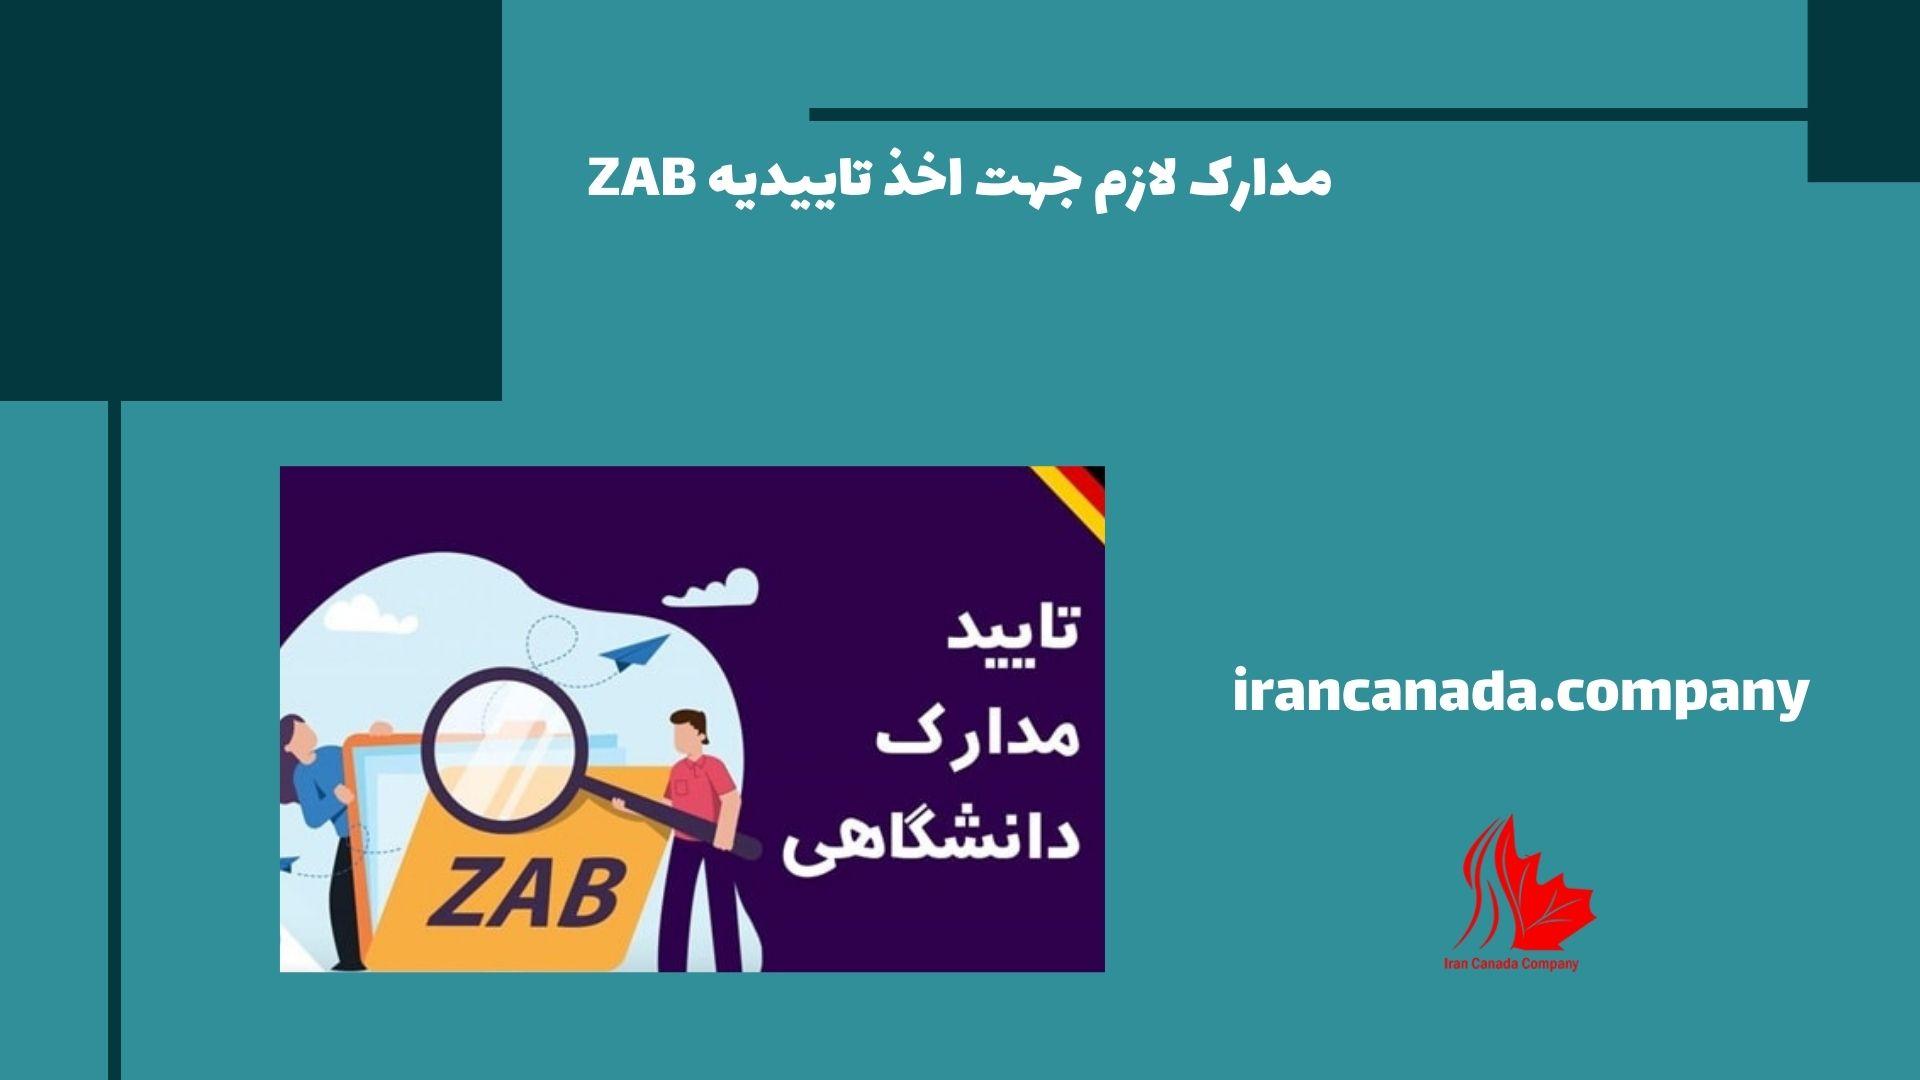 مدارک لازم برای اخذ تاییدیه ZAB